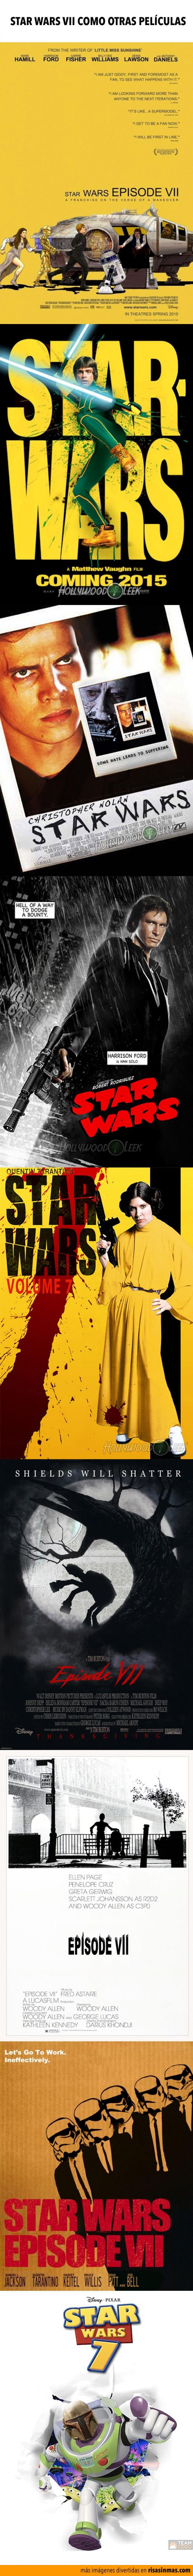 Carteles de Star Wars VII imaginados como otras películas